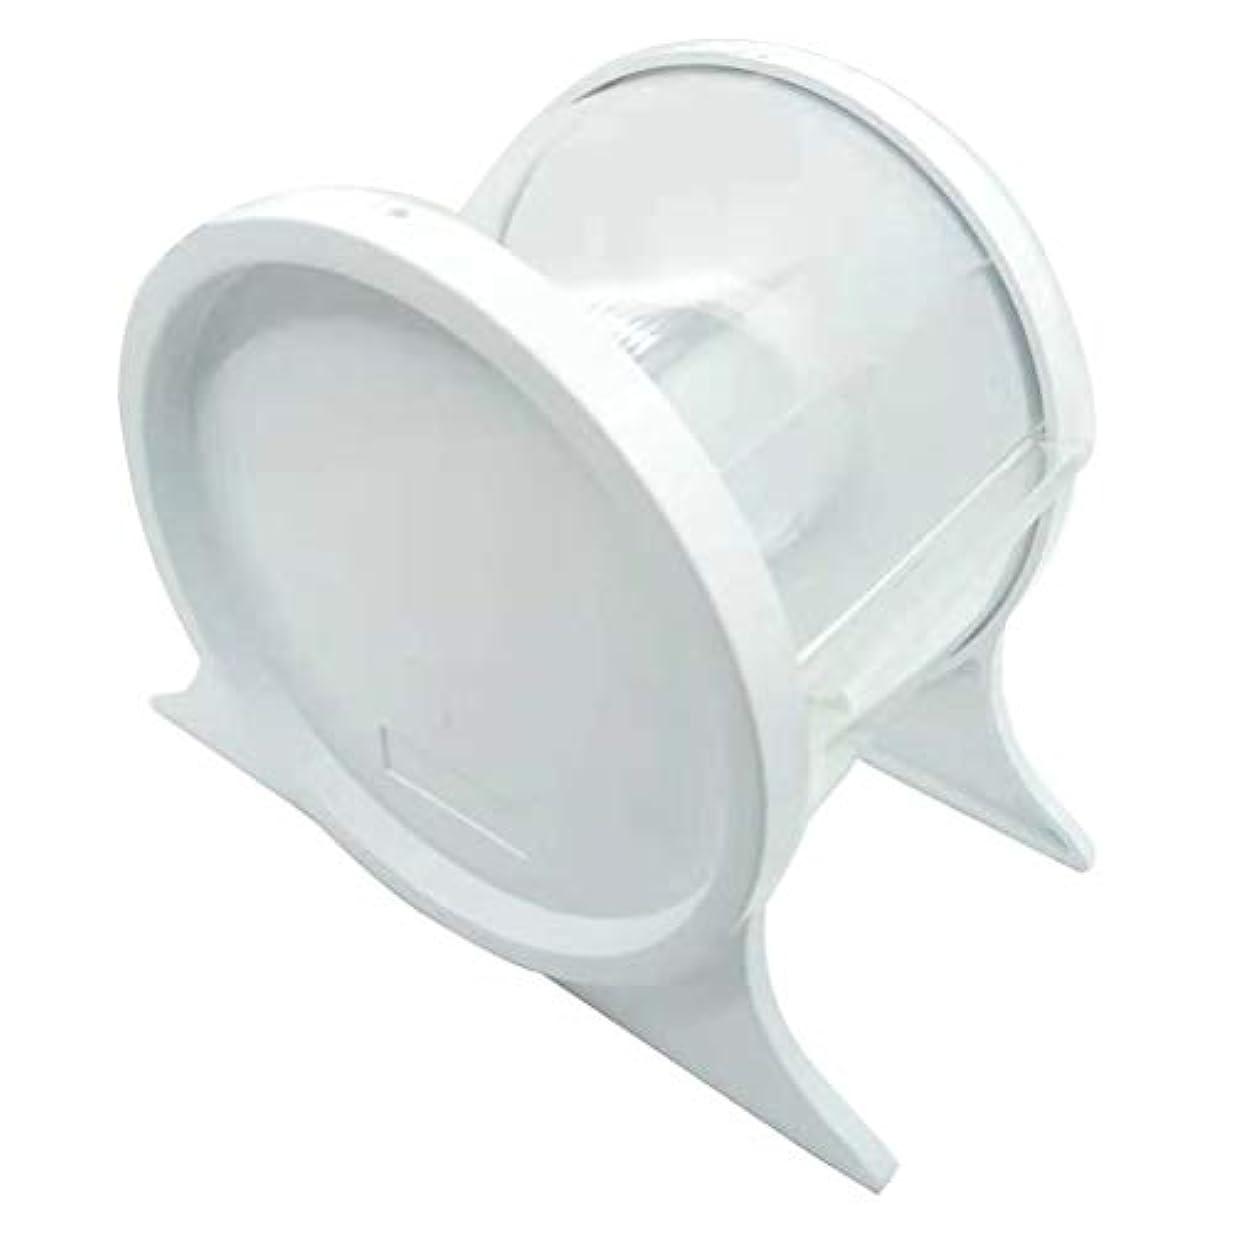 反発する火士気SUPVOX 歯科用バリアフィルムディスペンサー使い捨て保護スタンドホルダーシェルフ歯科用ツール1本(ホワイト)